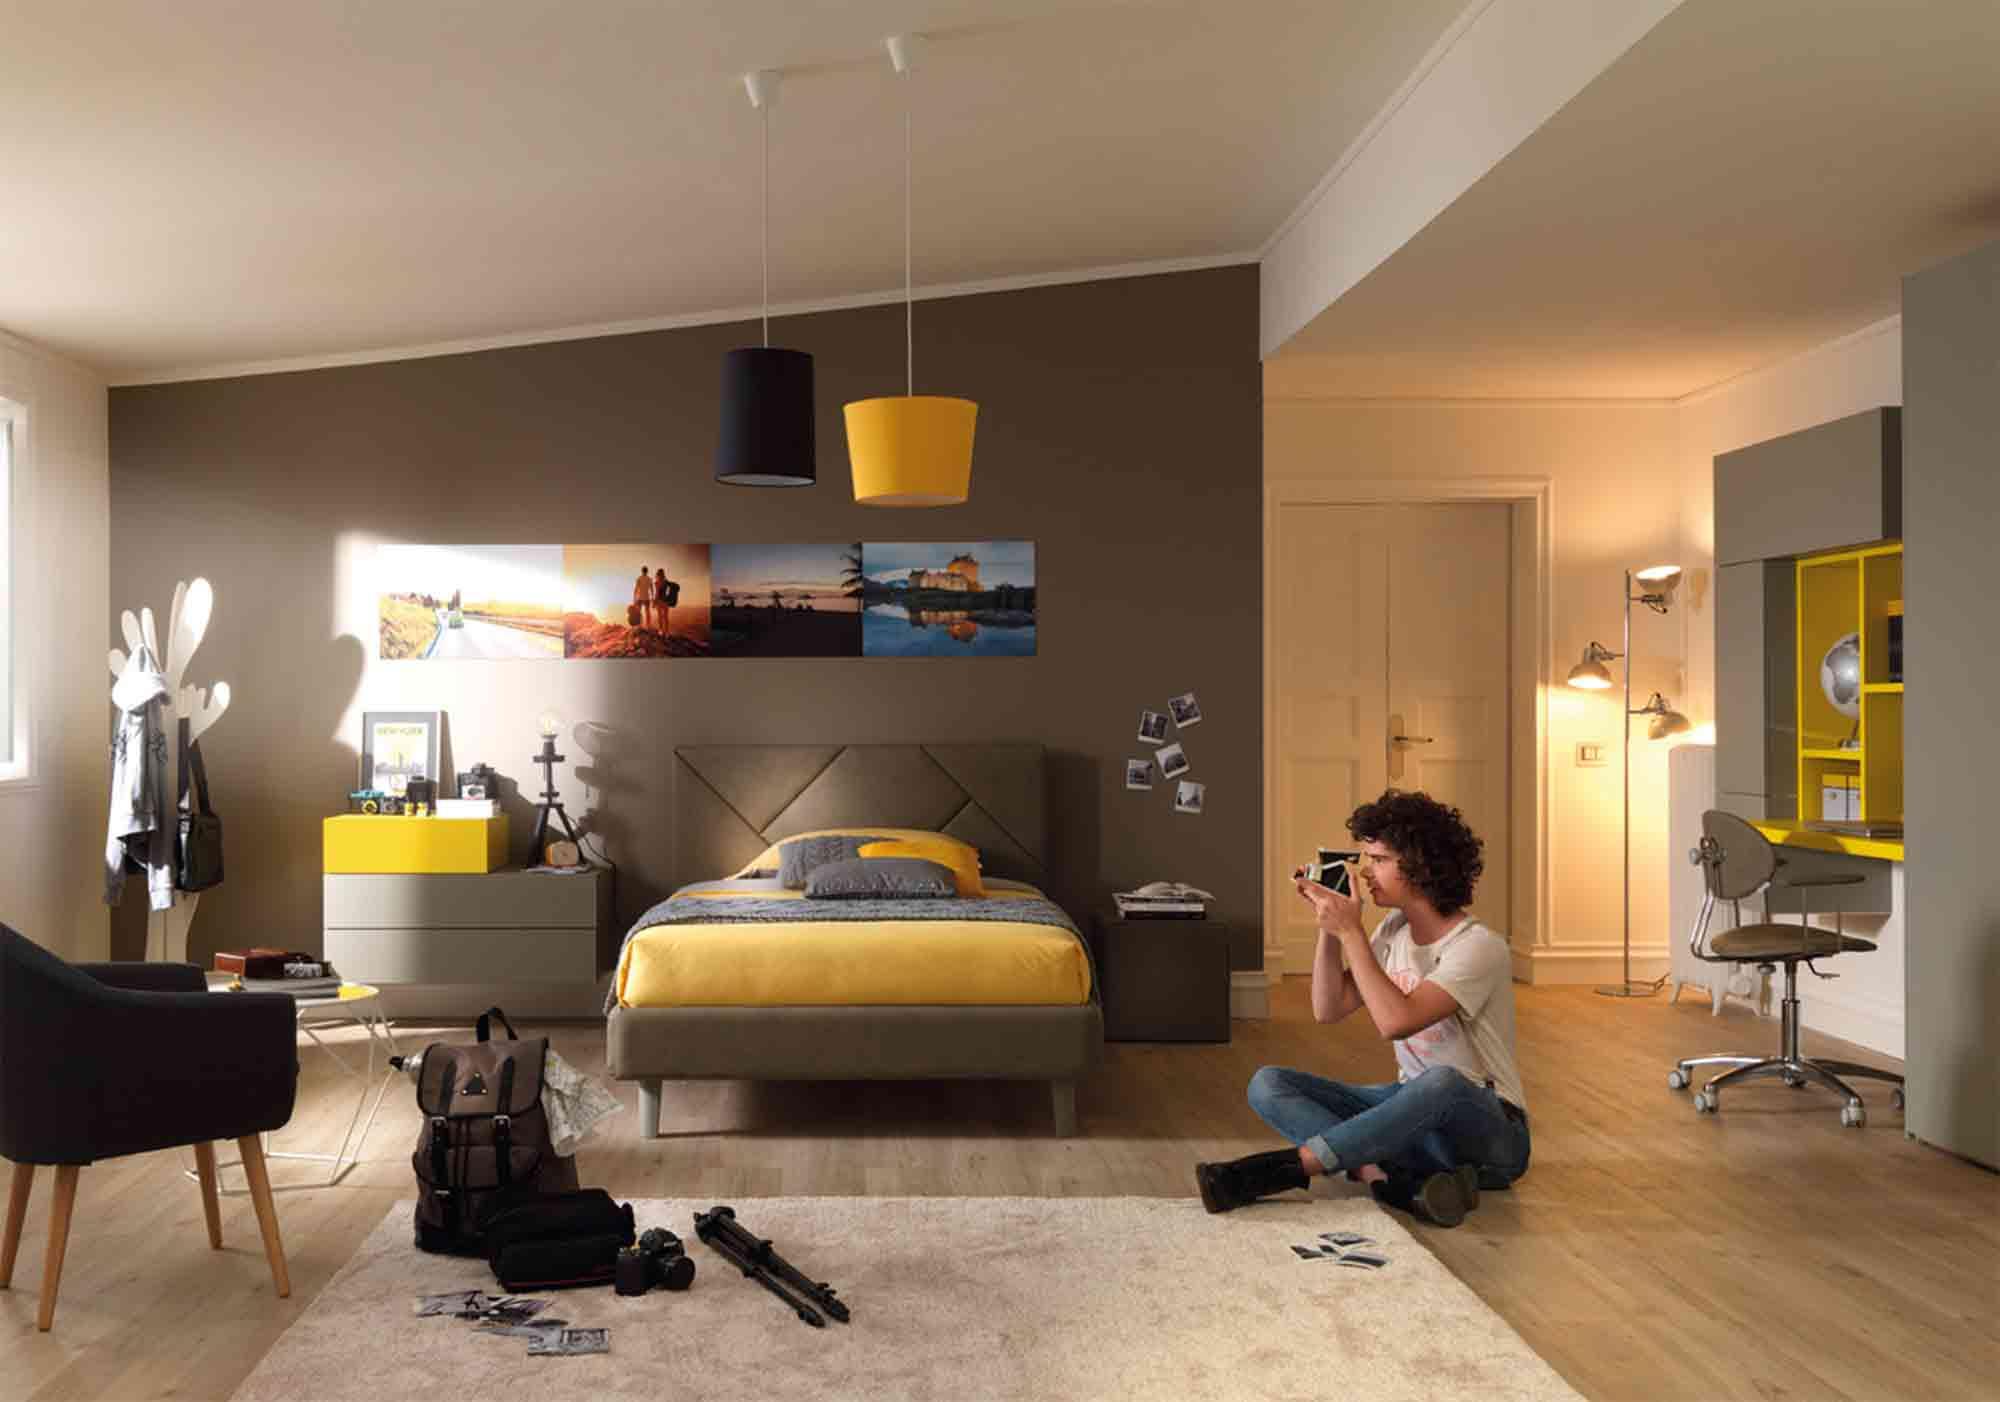 Camerette Ragazzi Moretti Prezzi camerette moderne - savina mobili: mobili per la casa - avezzano